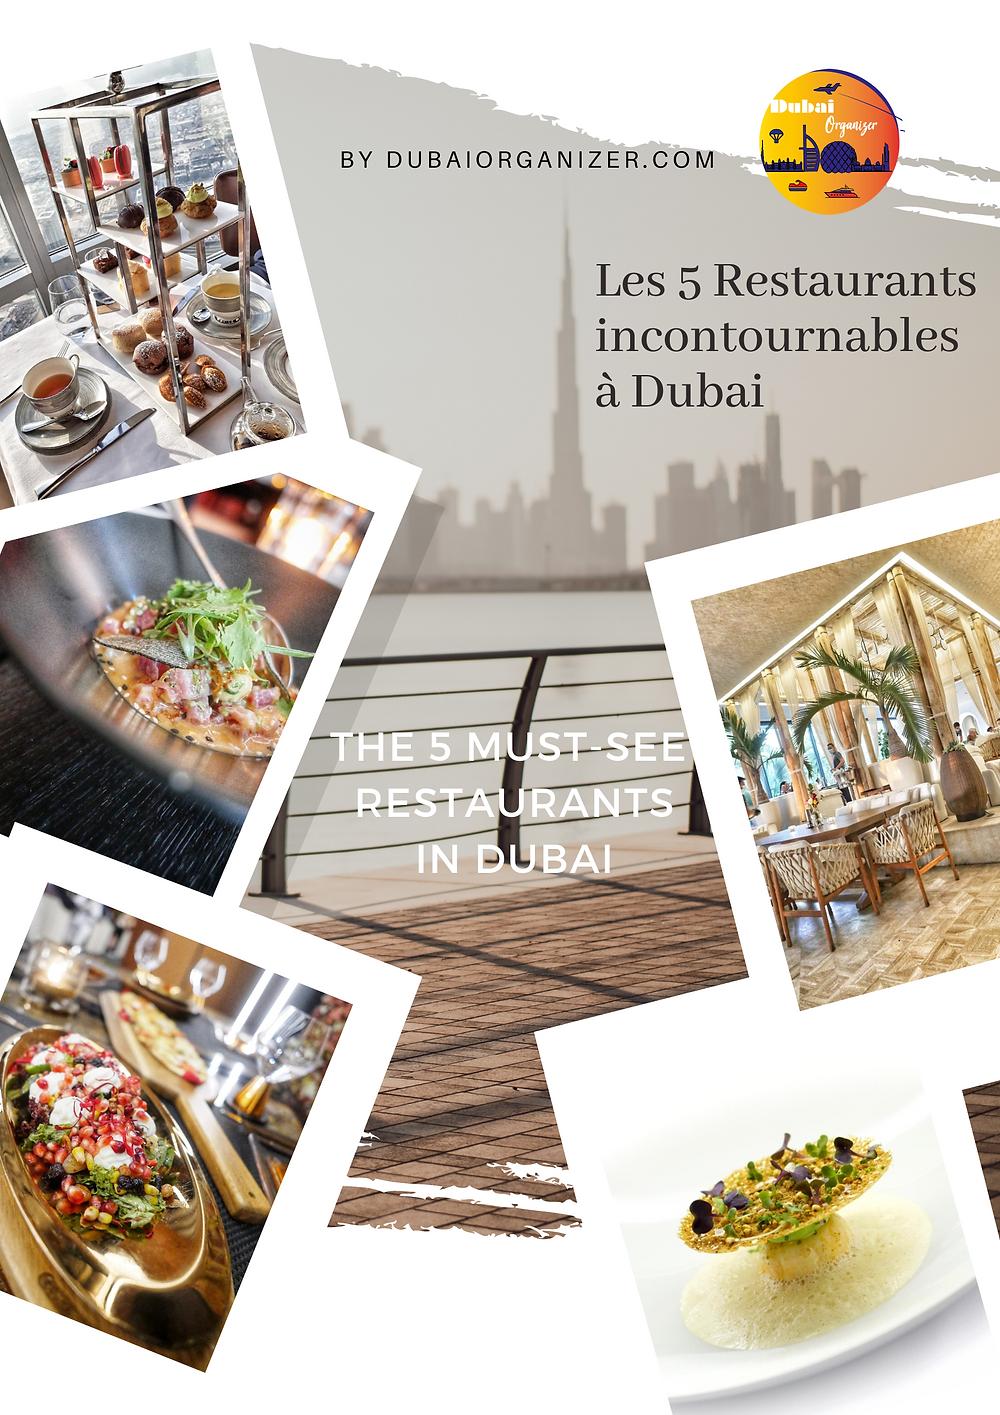 Les 5 restaurants incontournables à Dubai